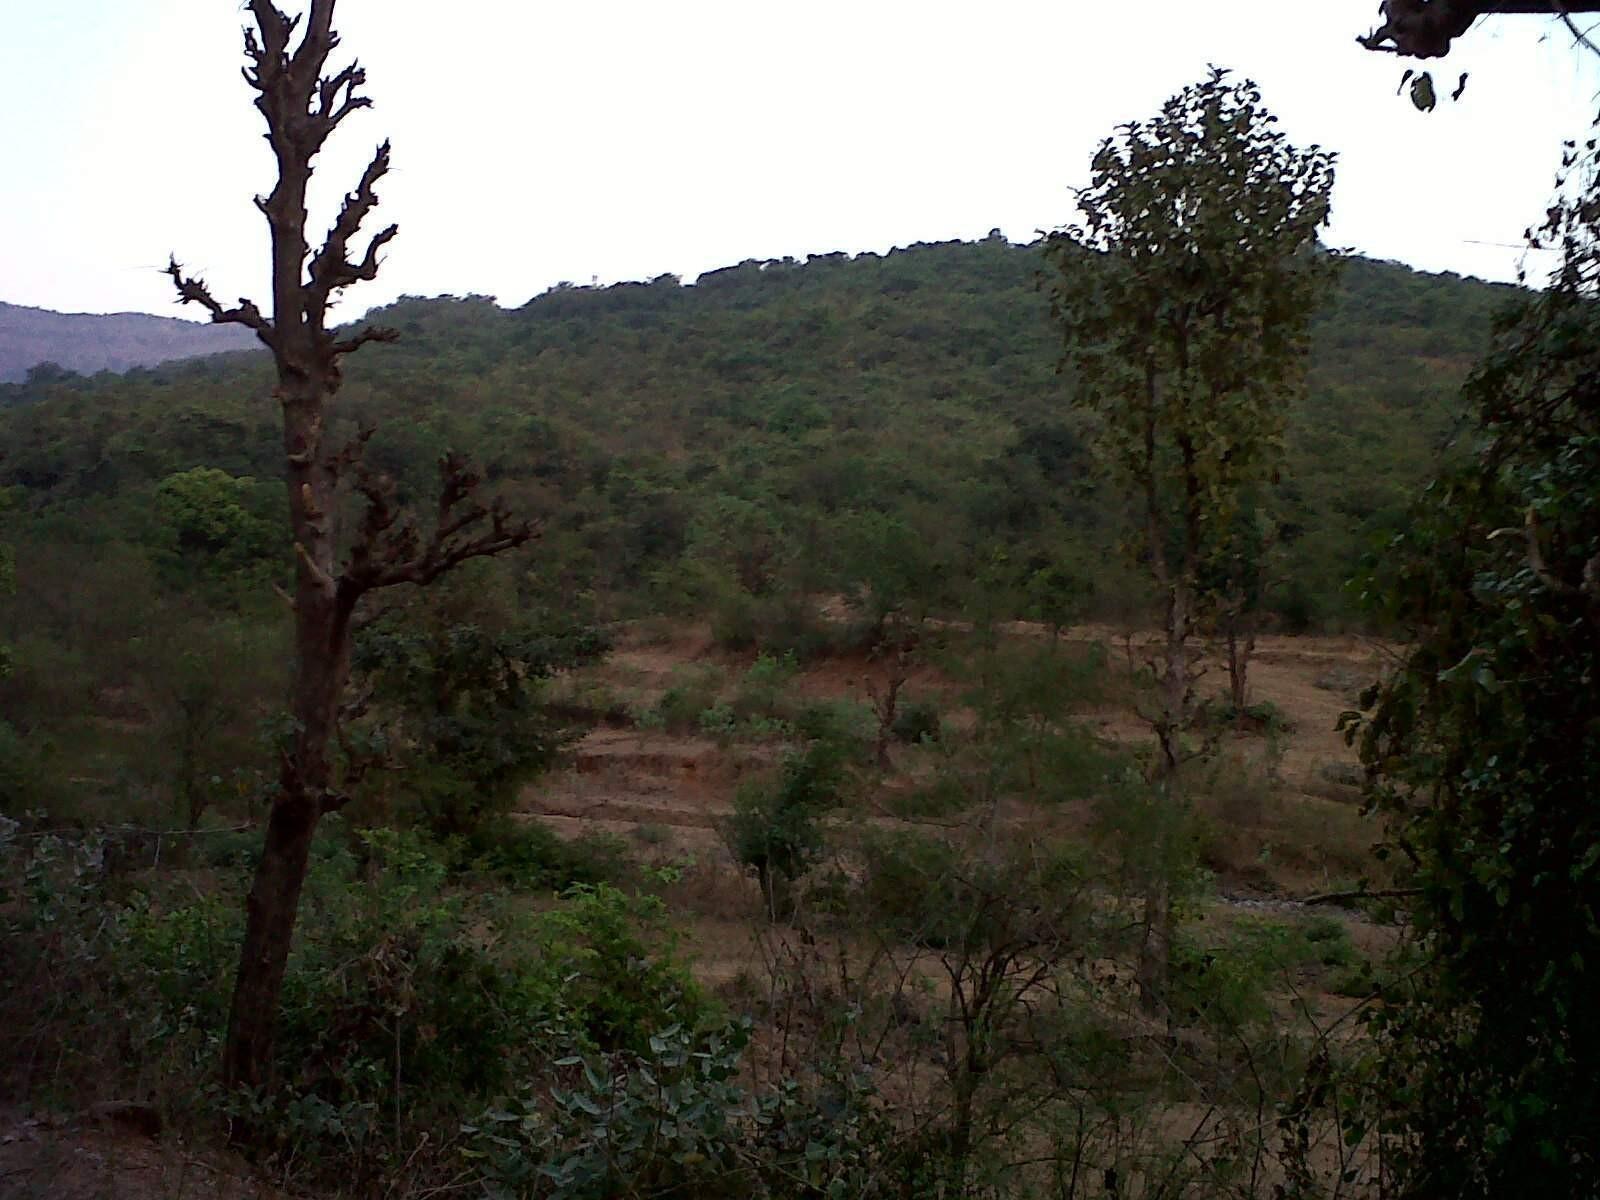 Land for Sale In Nagar at Hamidpur